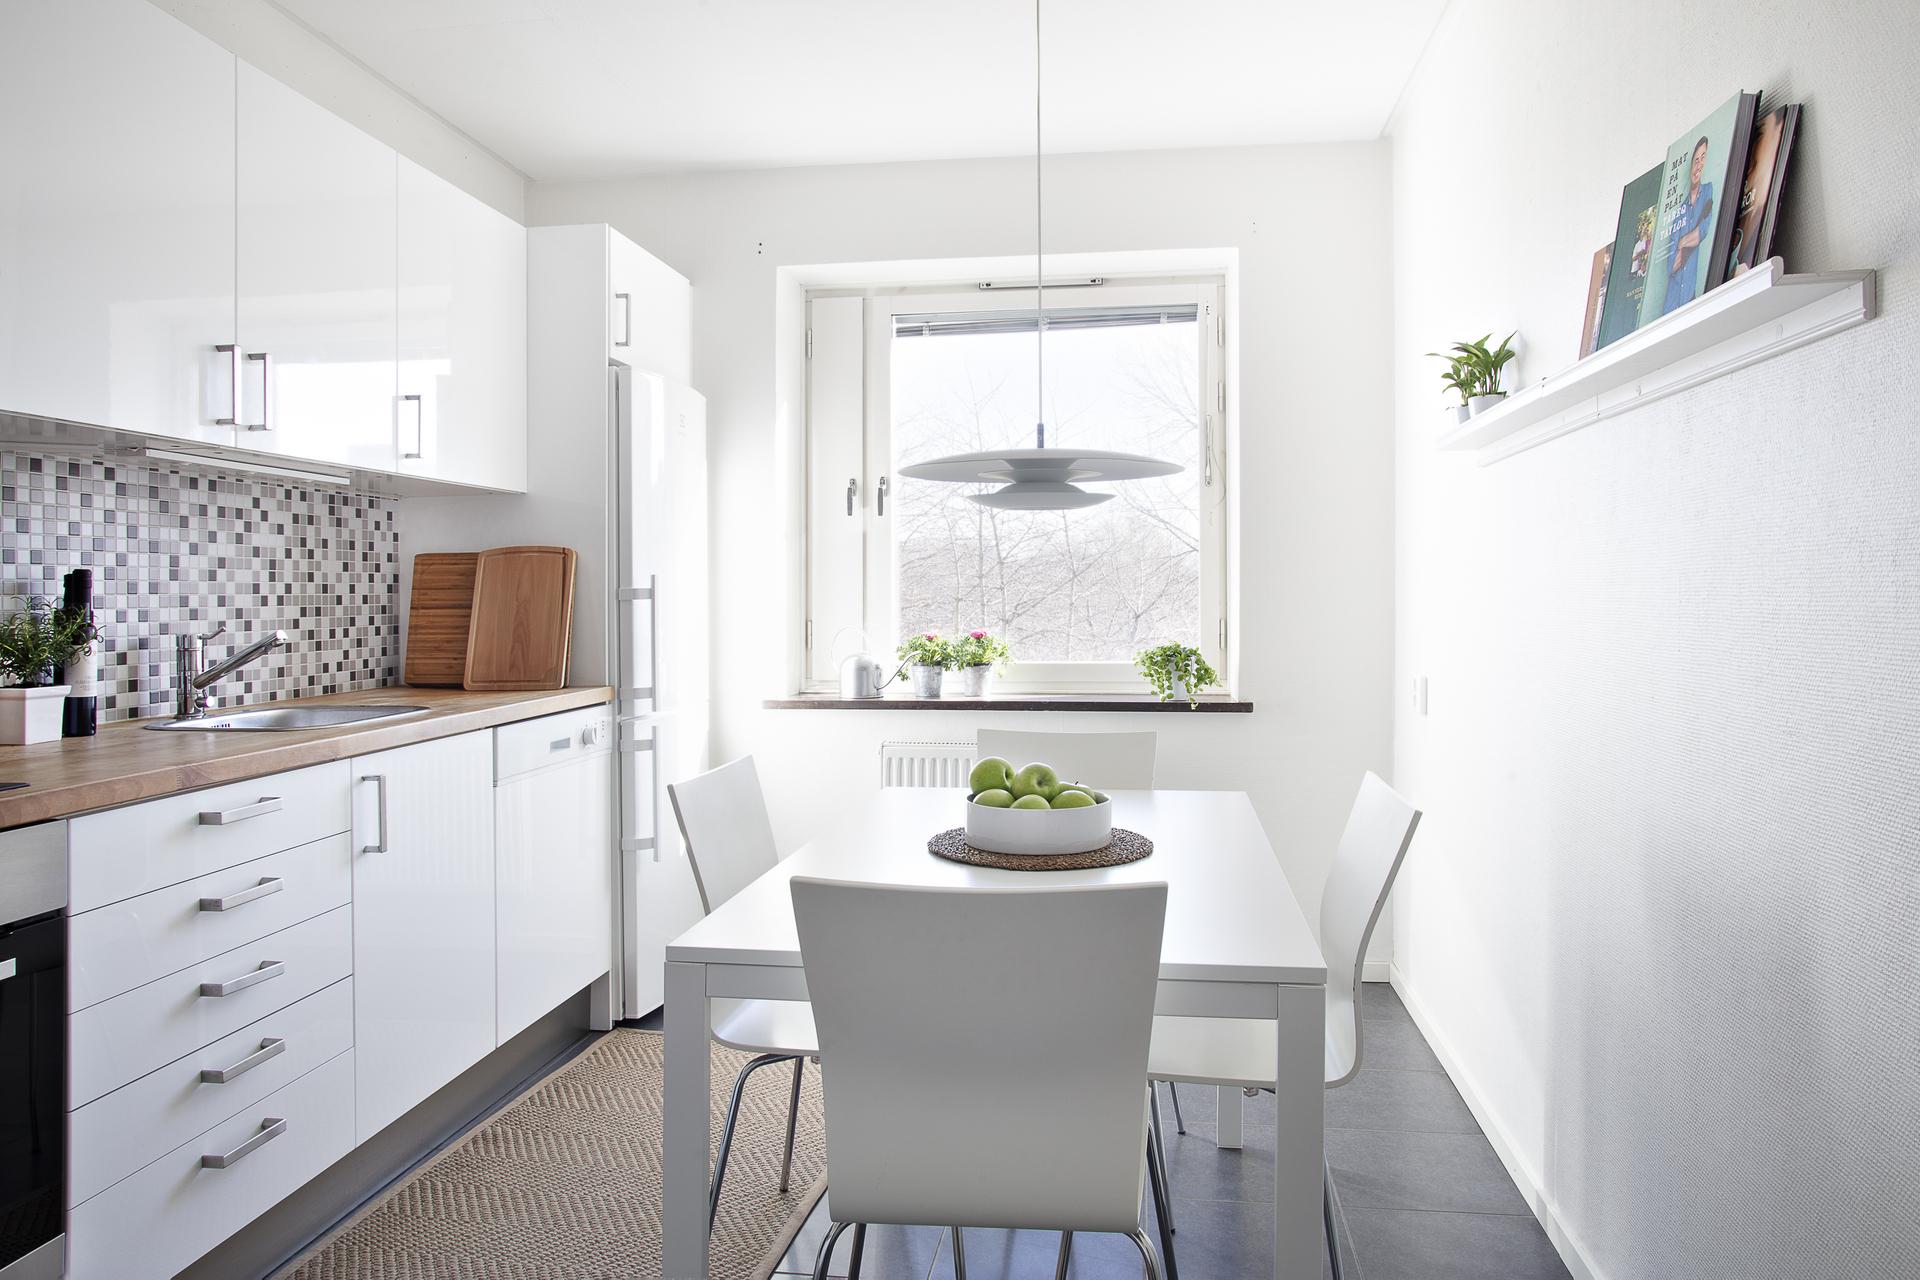 Kök med matplats och fönster som vetter mot innergården i öster